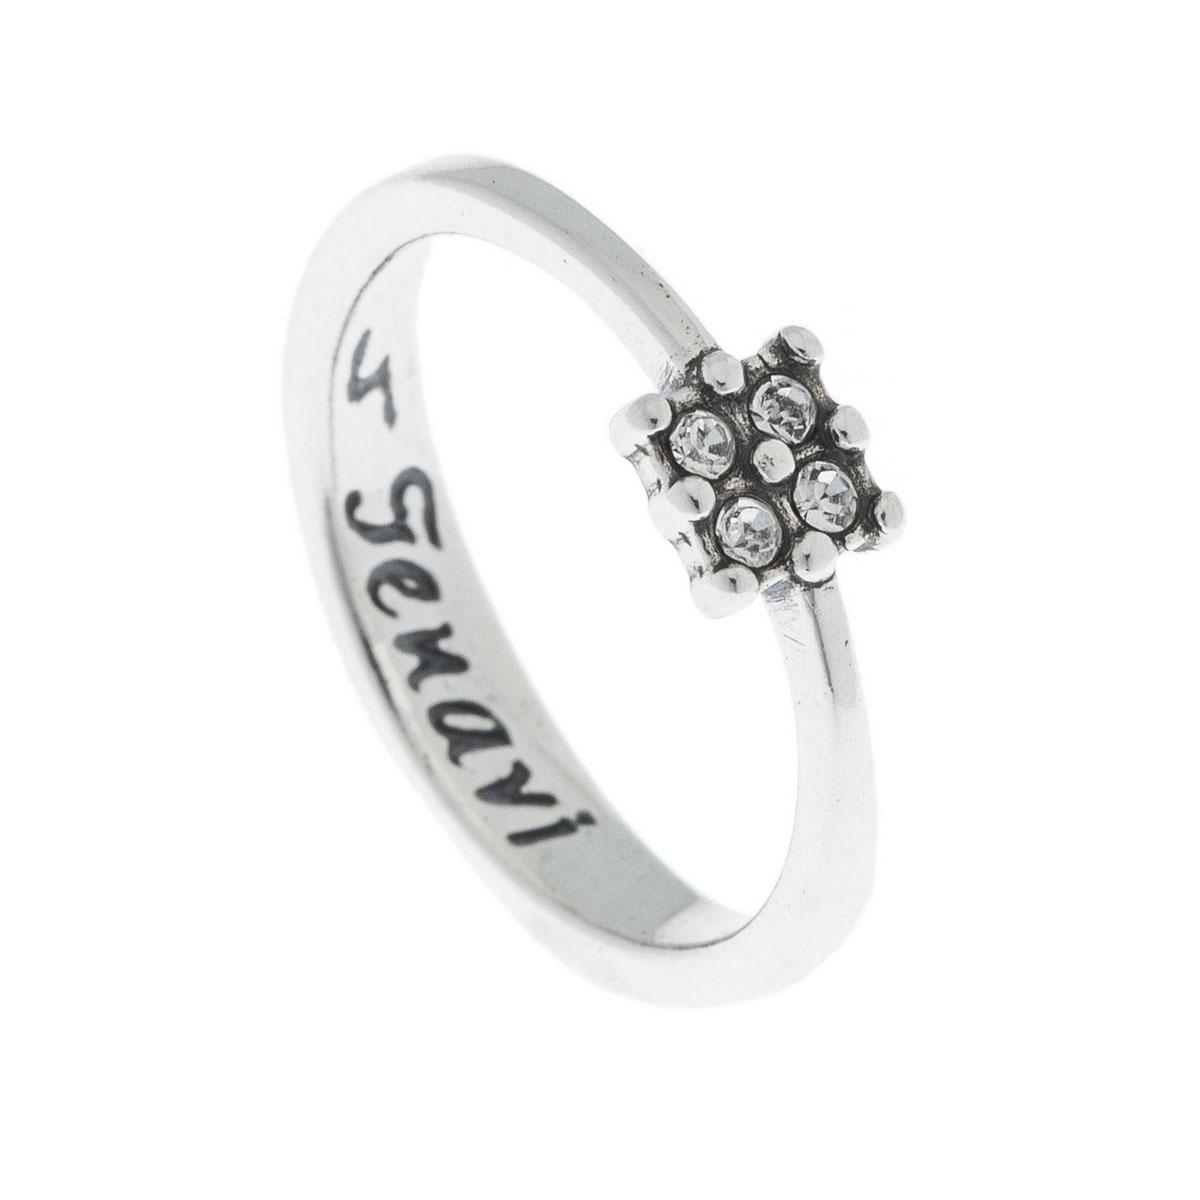 Кольцо Jenavi Экс, цвет: серебро, белый. k4913000. Размер 16k4913000Коллекция Э, Экс (Кольцо) гипоаллергенный ювелирный сплав,Черненое серебро, вставка Кристаллы Swarovski